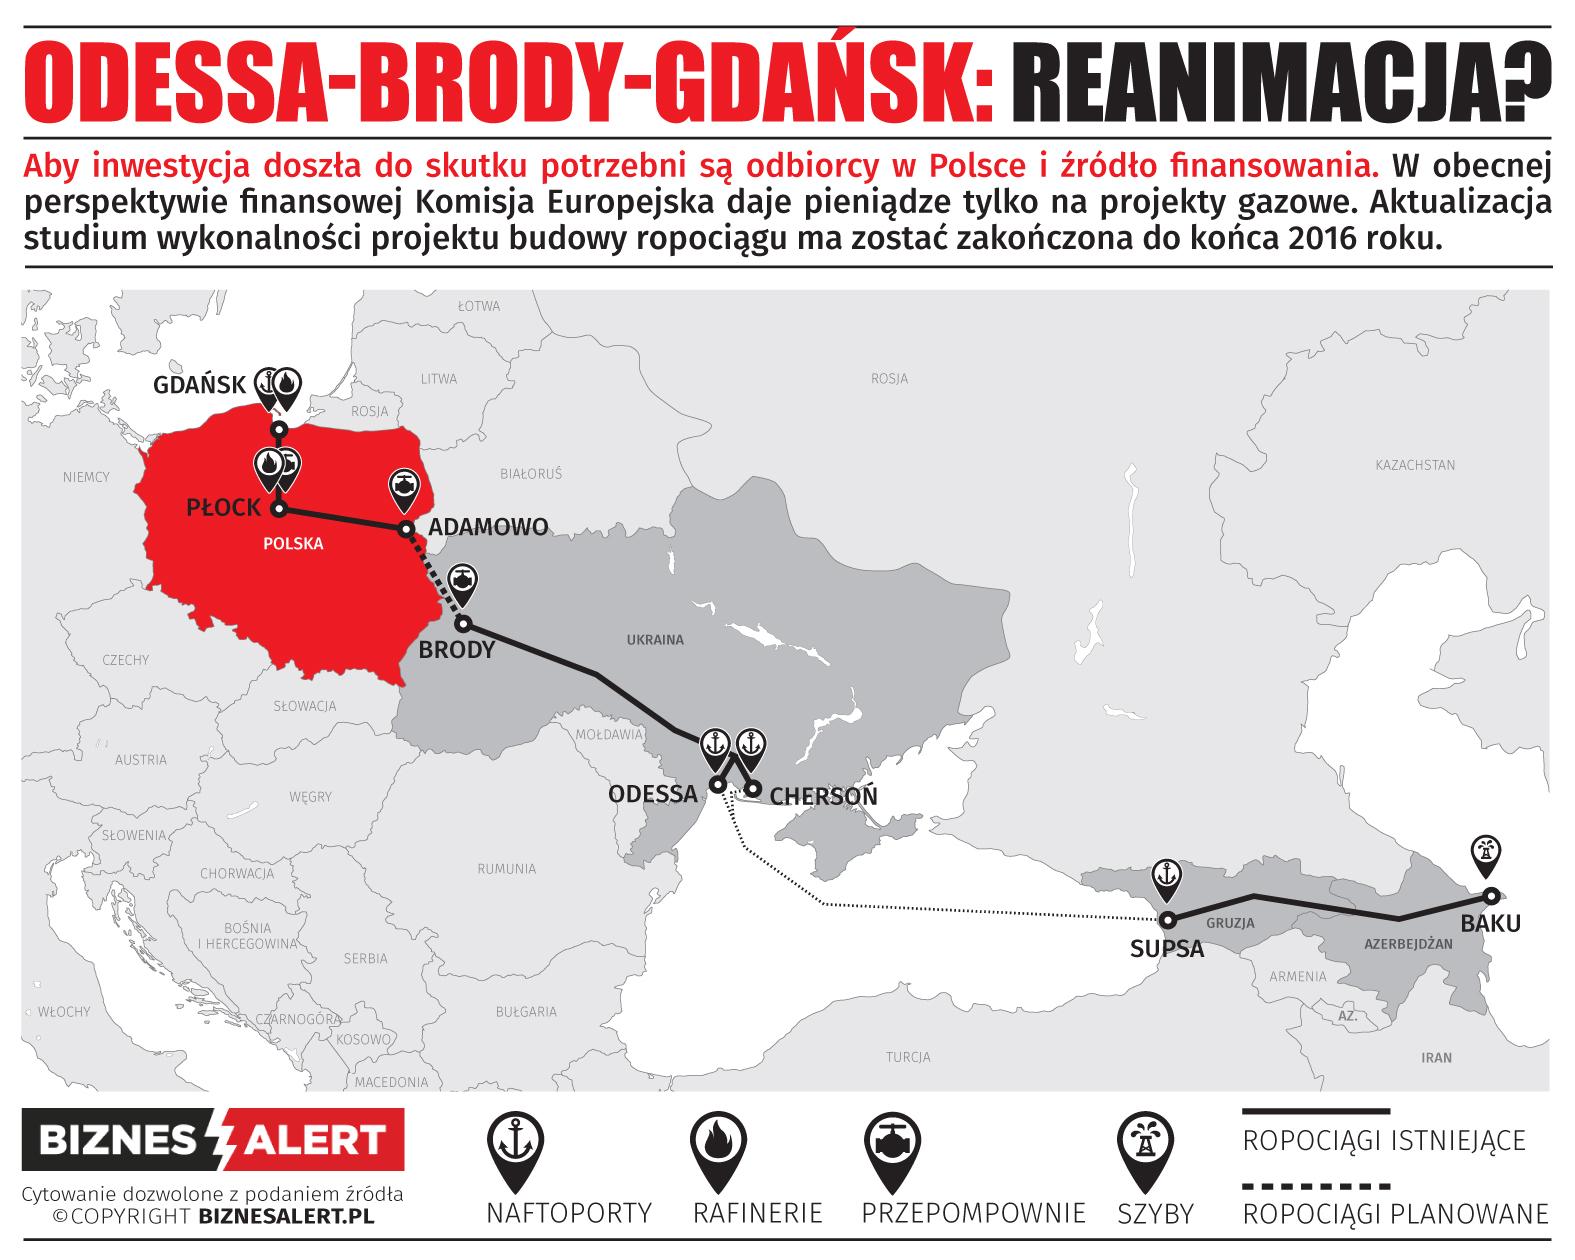 Grafika: BiznesAlert.pl